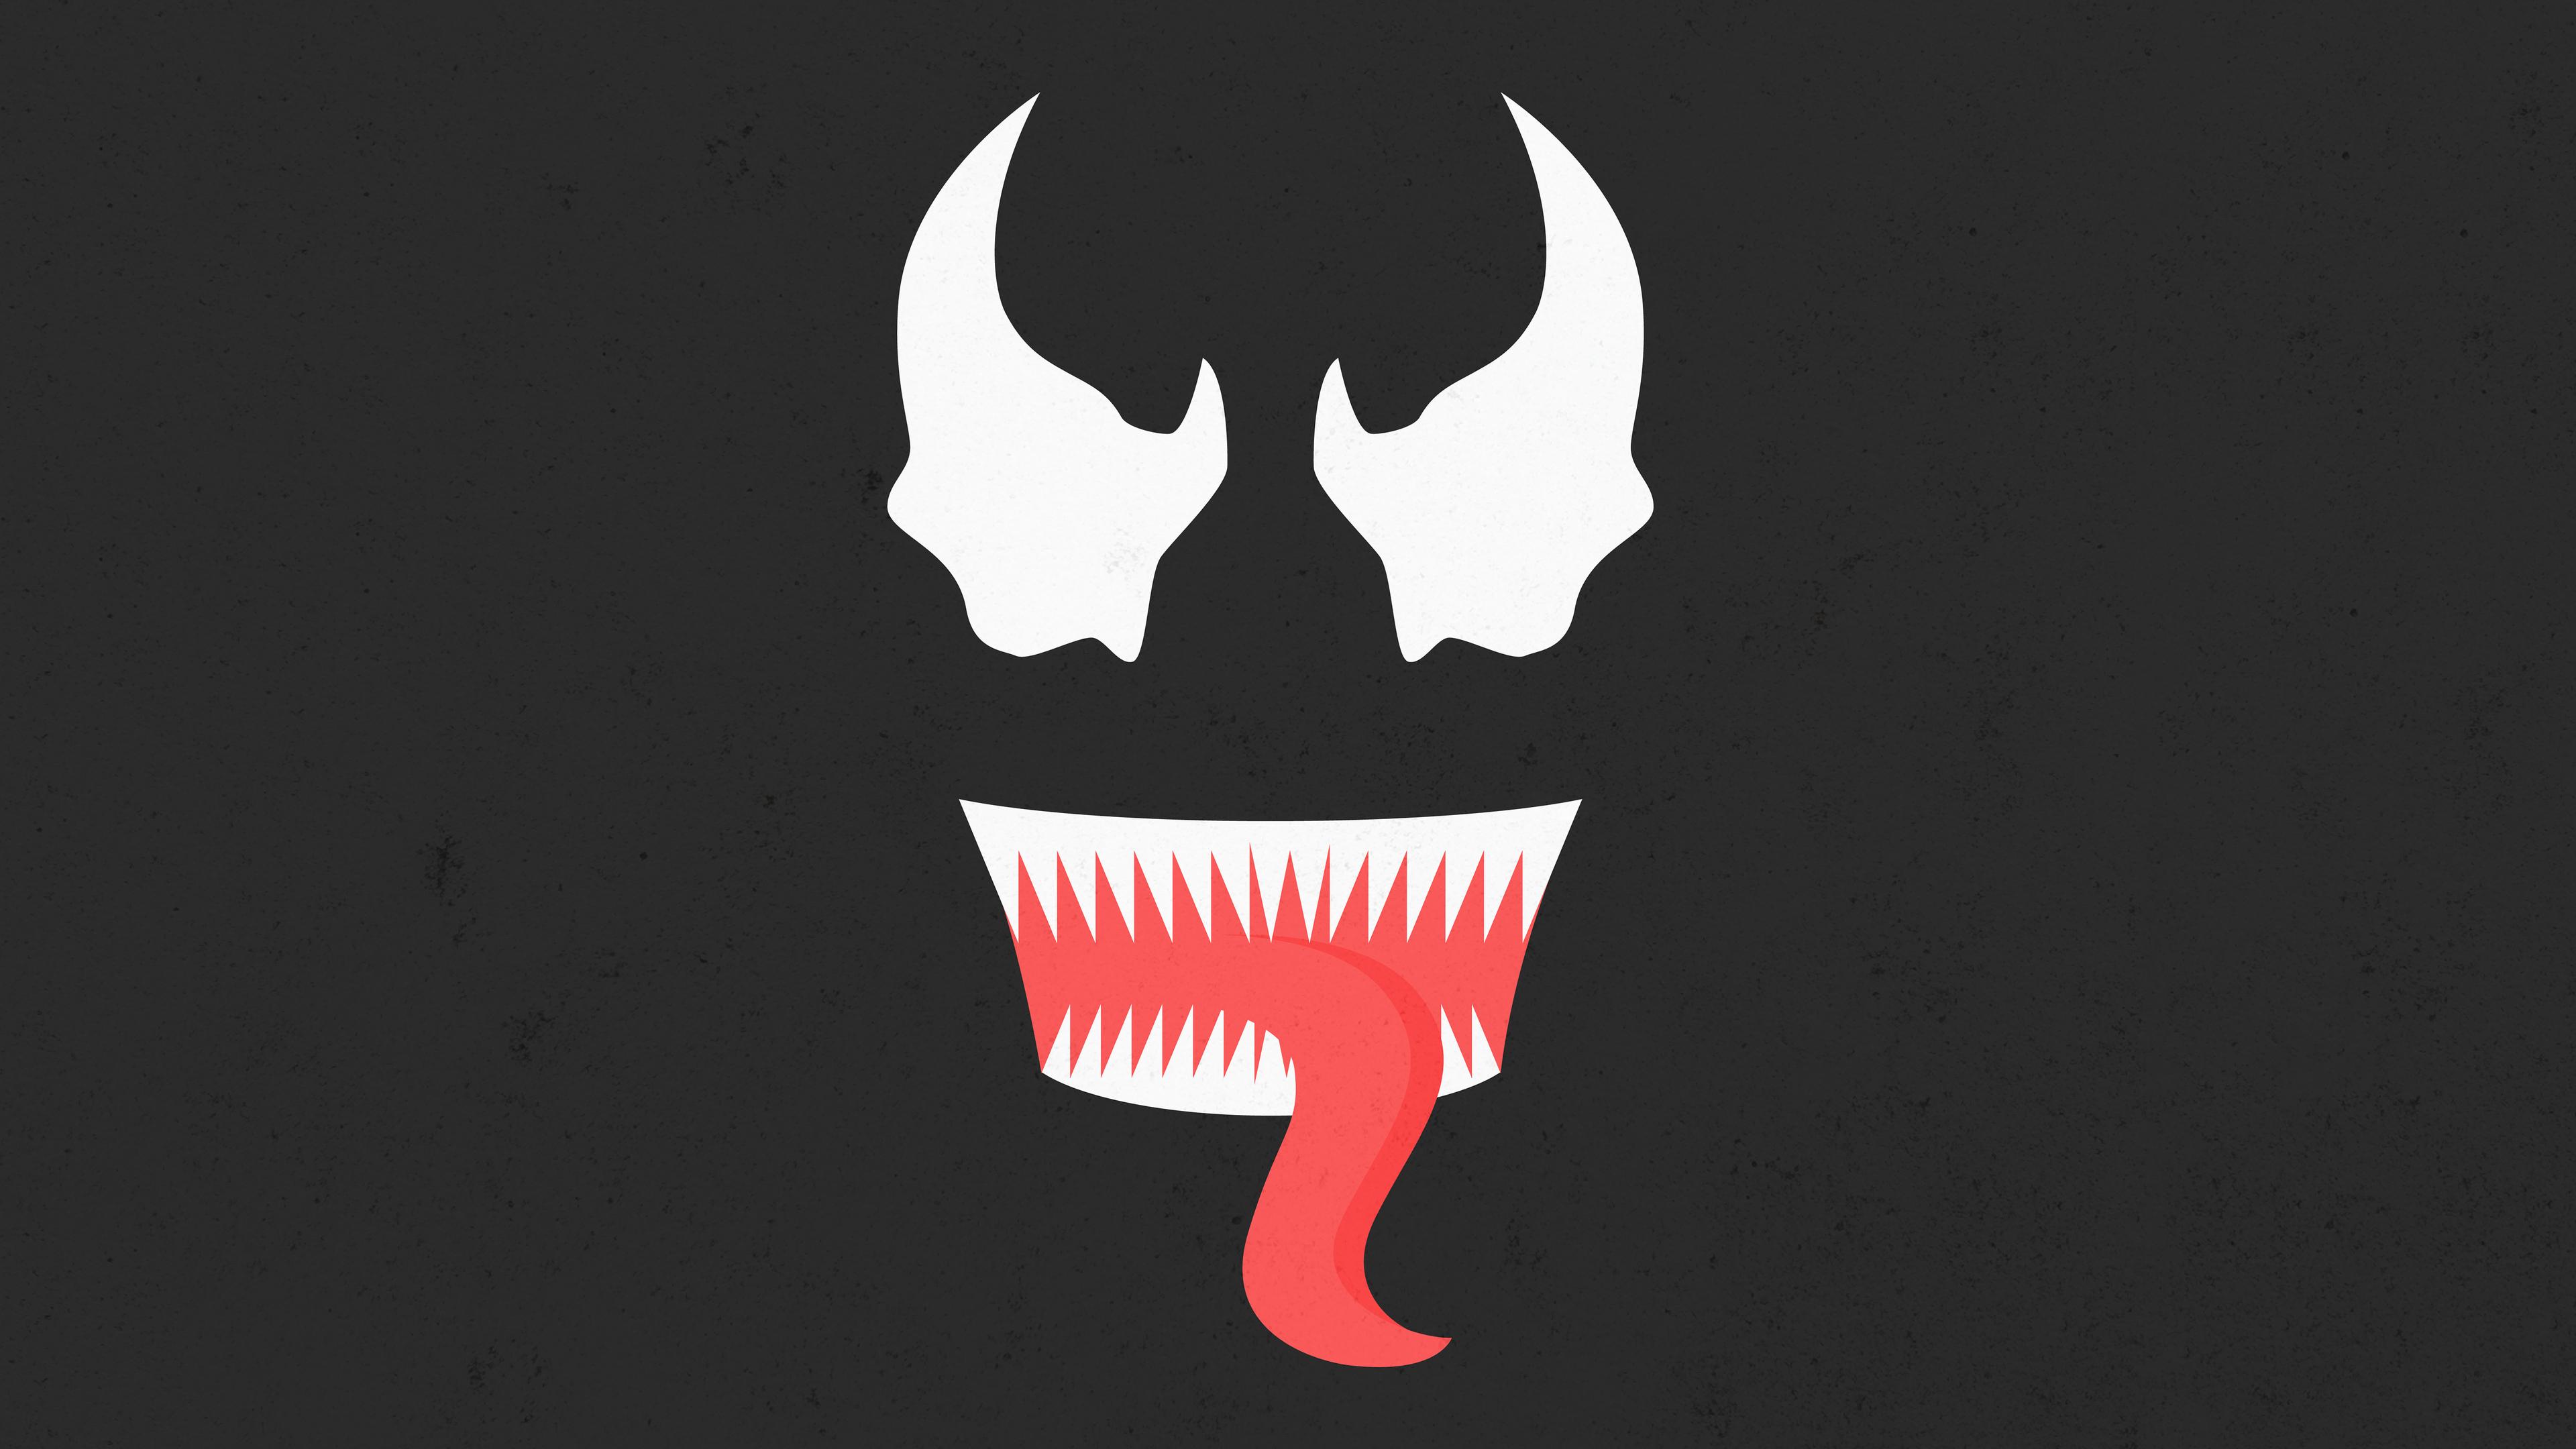 venom minimal art 4k 1545588707 - Venom Minimal Art 4k - Venom wallpapers, superheroes wallpapers, minimalist wallpapers, minimalism wallpapers, hd-wallpapers, dribbble wallpapers, digital art wallpapers, artwork wallpapers, artist wallpapers, 4k-wallpapers